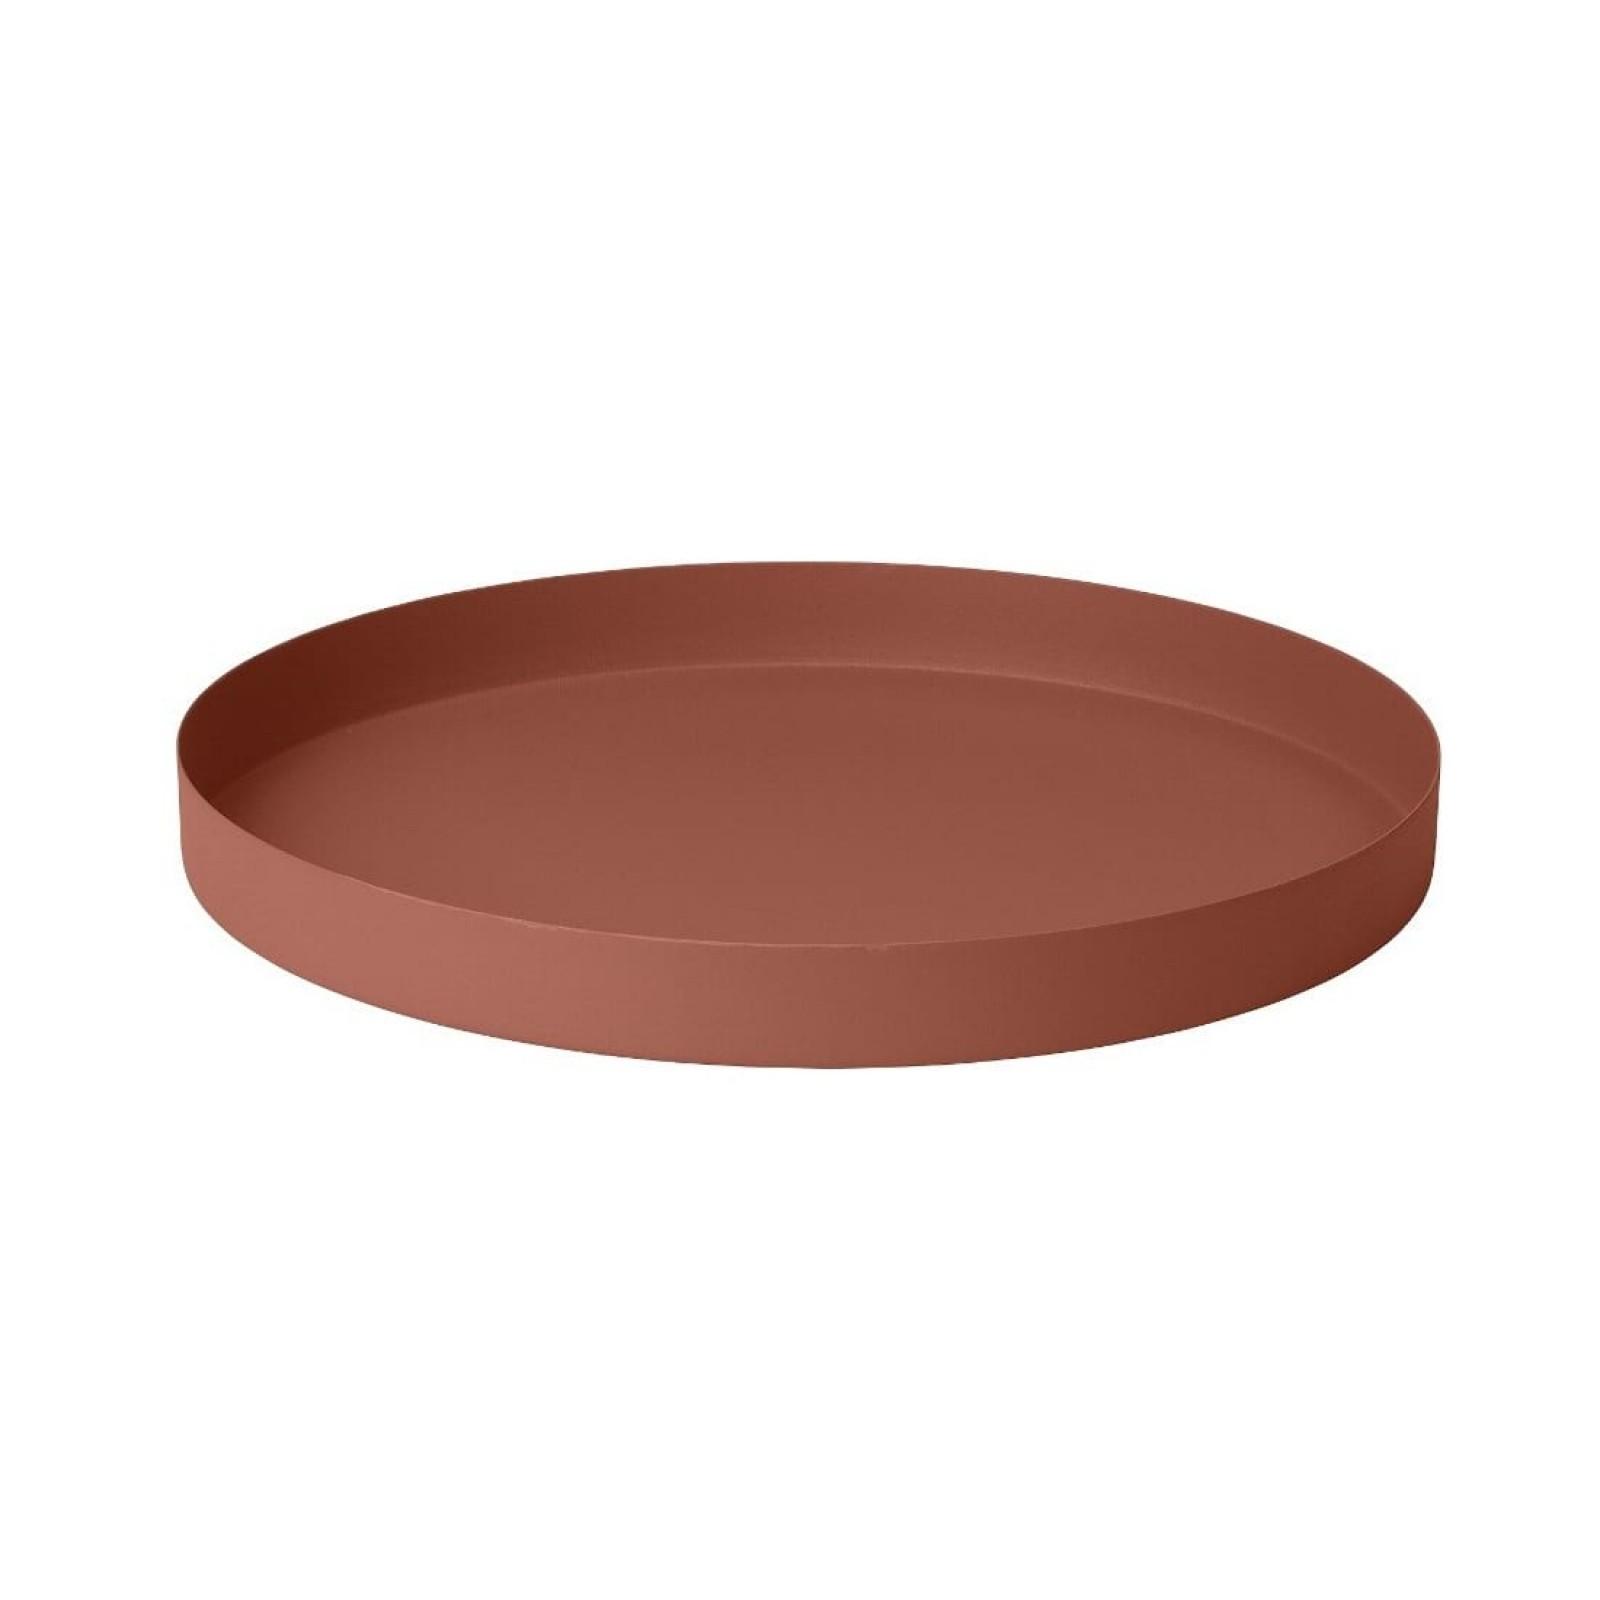 Πιατέλα Σερβιρίσματος REO Medium (Καφέ Ρουστίκ) - Blomus